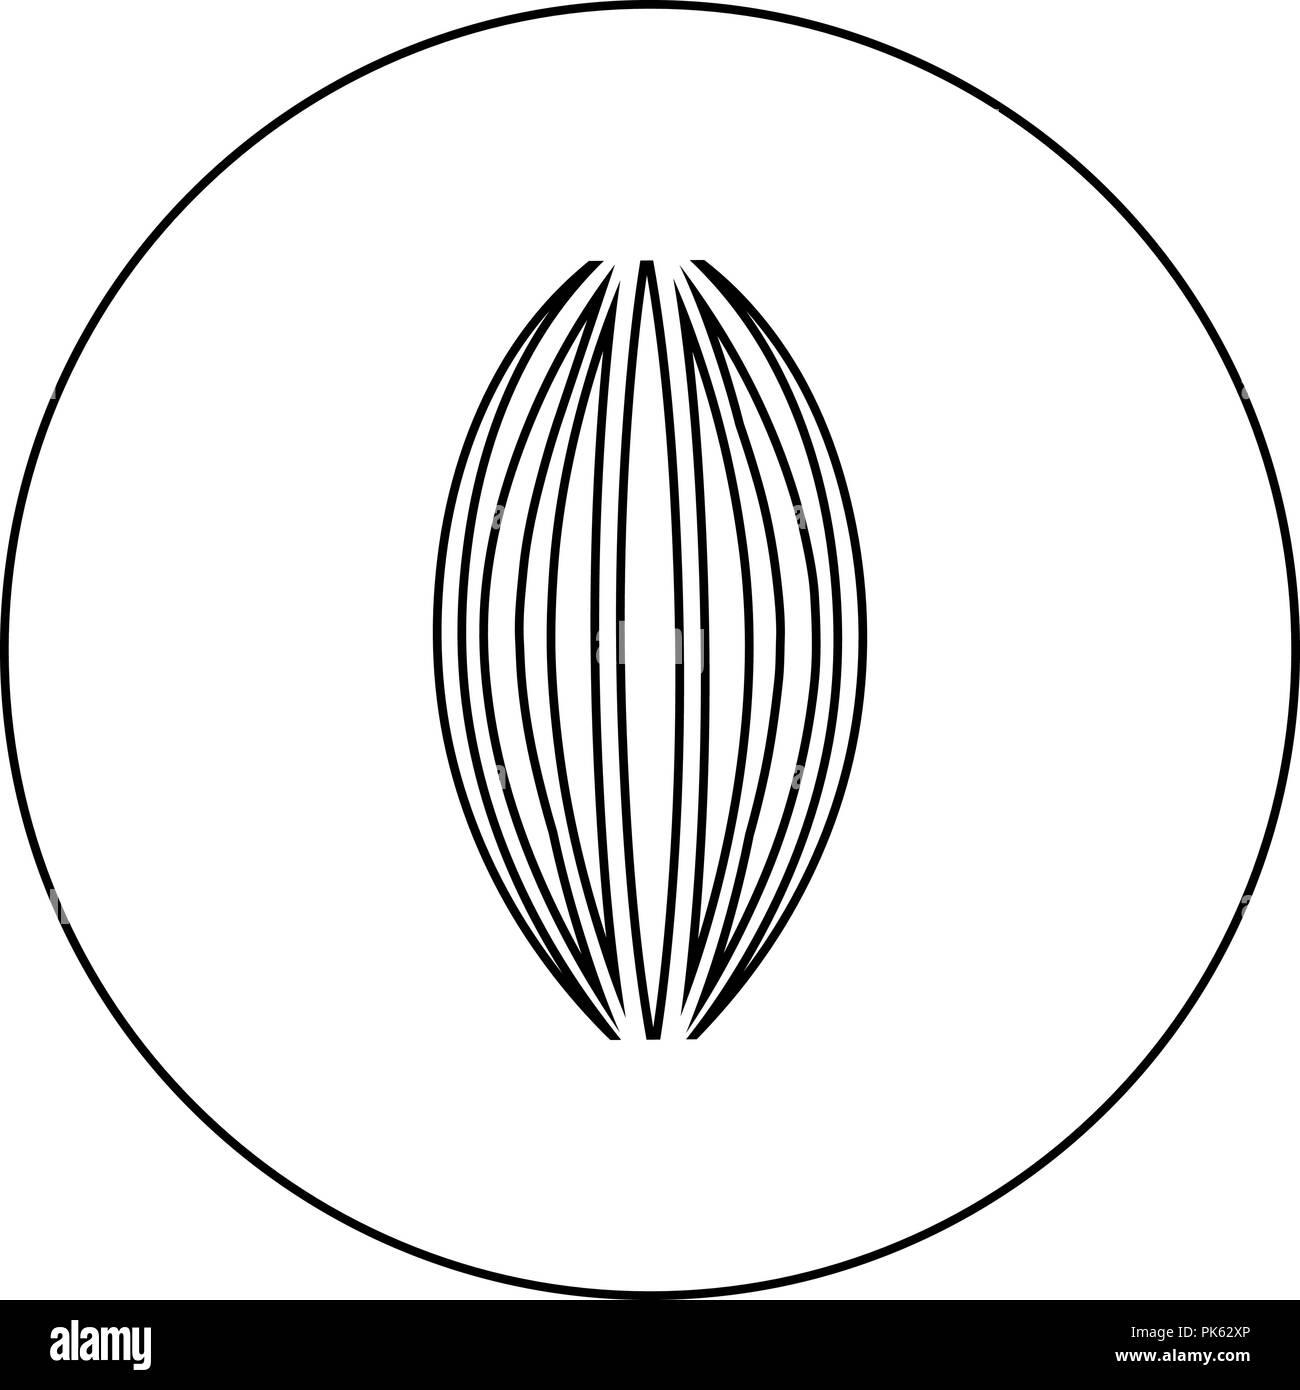 Icono muscular de color negro en círculo redondo vector esquema I Imagen De Stock